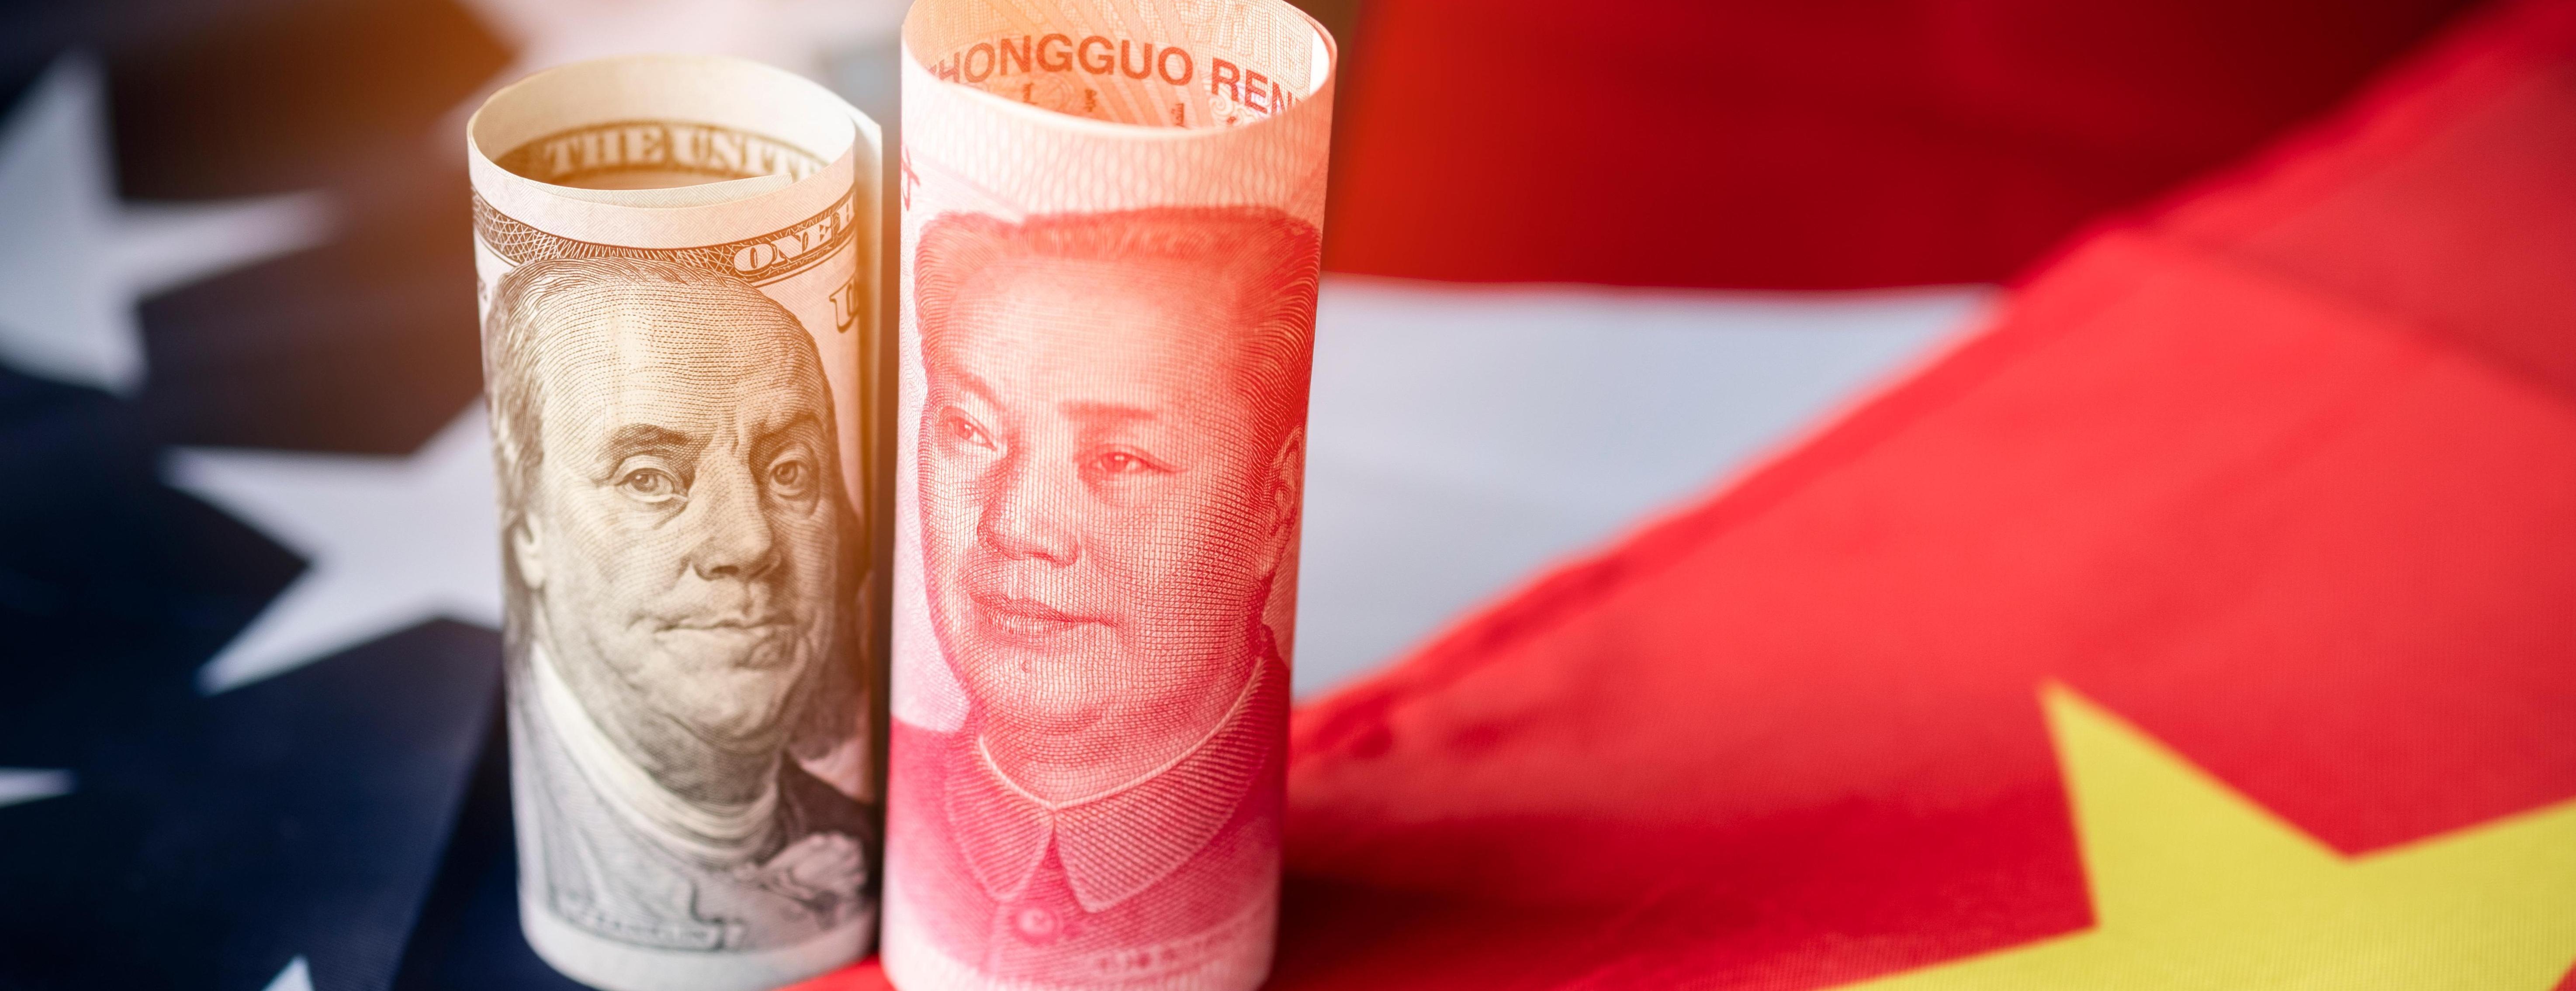 중국 해외투자 문턱 낮추나...</br>위안화 국제화 잰걸음